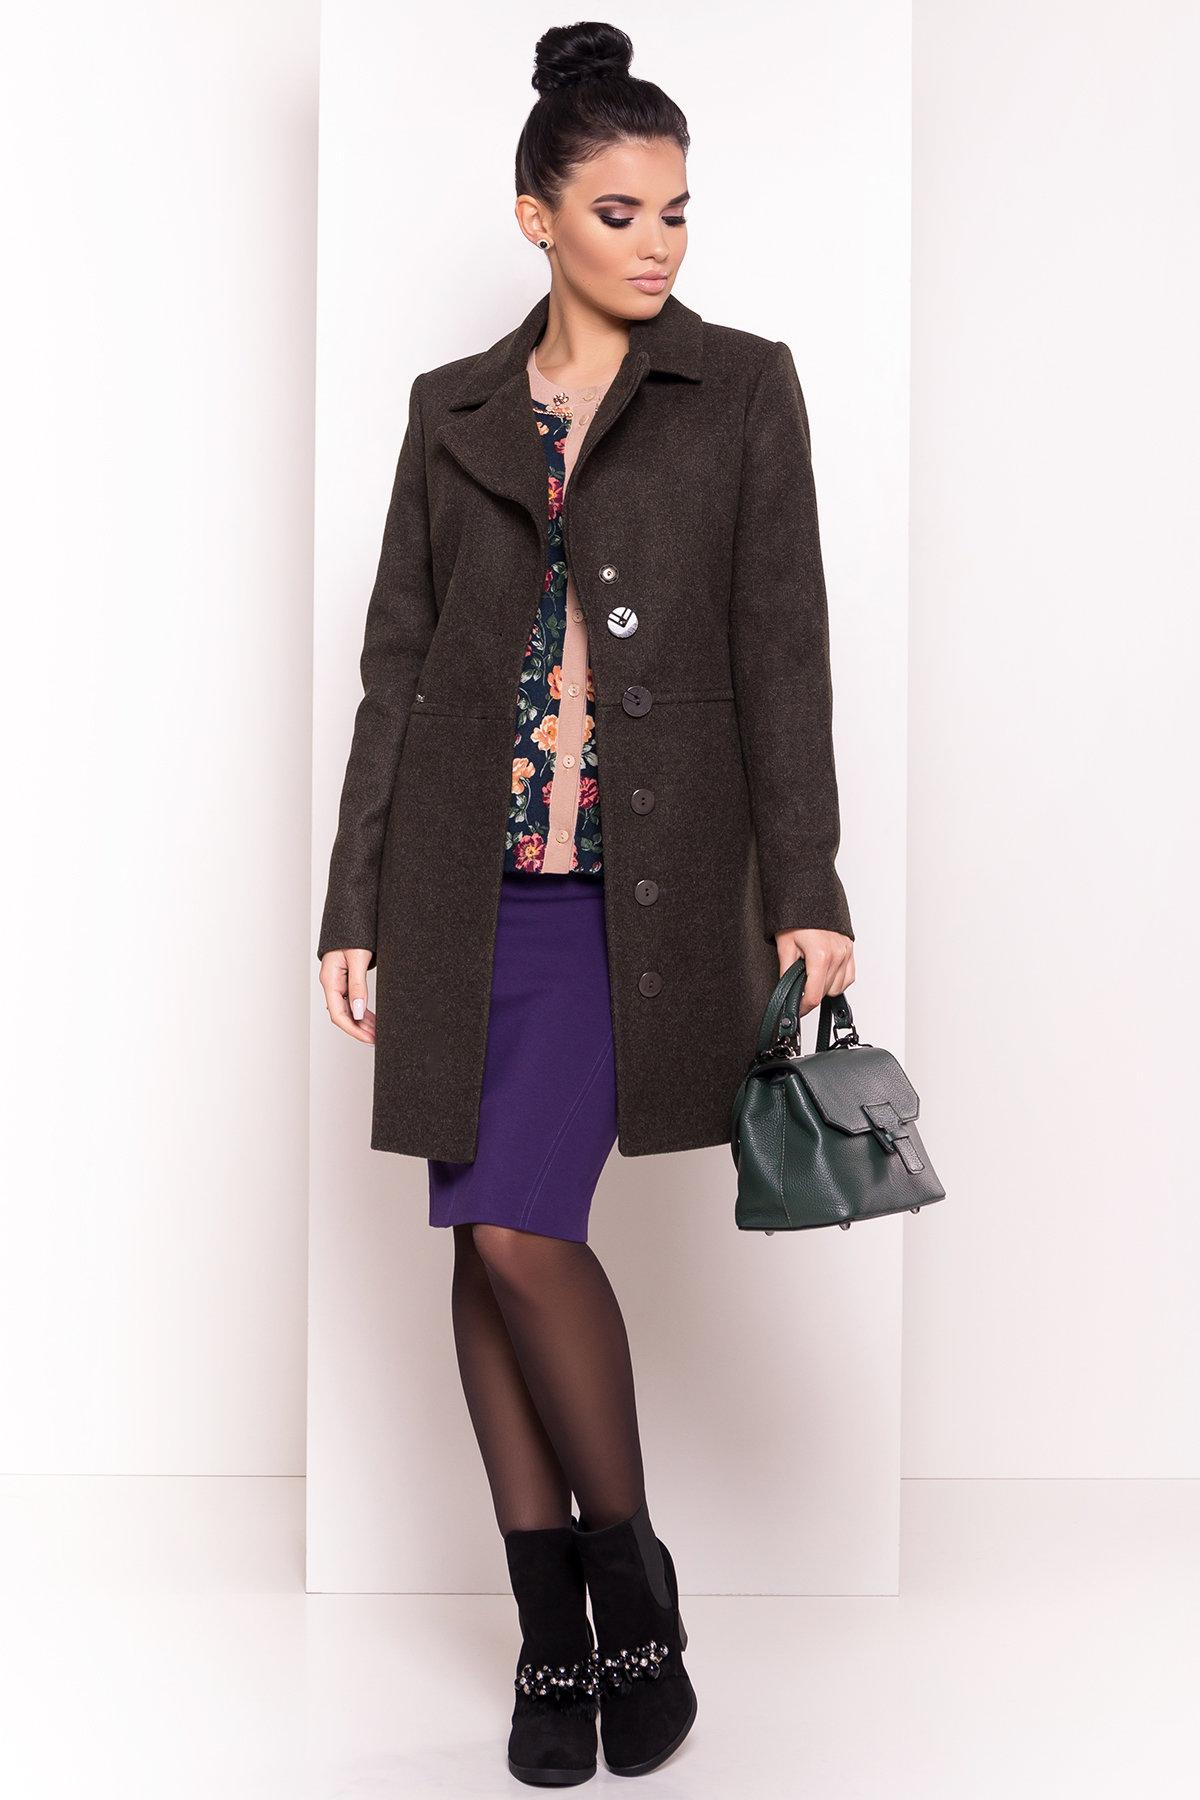 Стильное демисезонное пальто Габриэлла 5295 АРТ. 37285 Цвет: Хаки - фото 3, интернет магазин tm-modus.ru